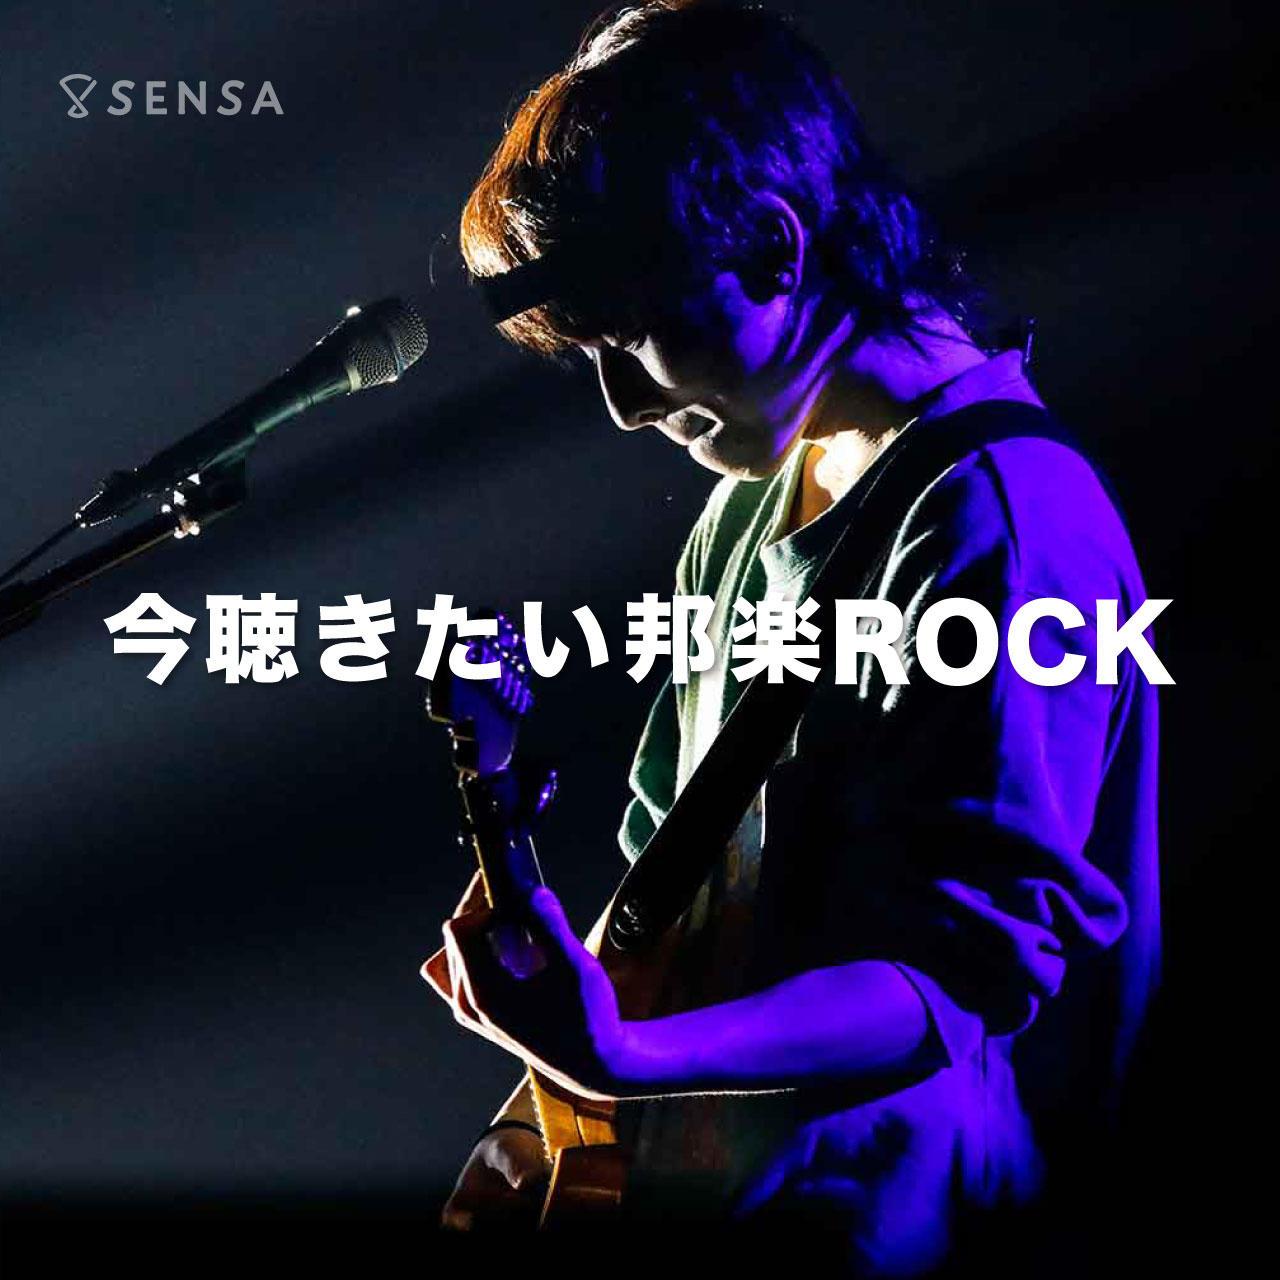 sensa_web_playlists_horock_02 (1).jpg